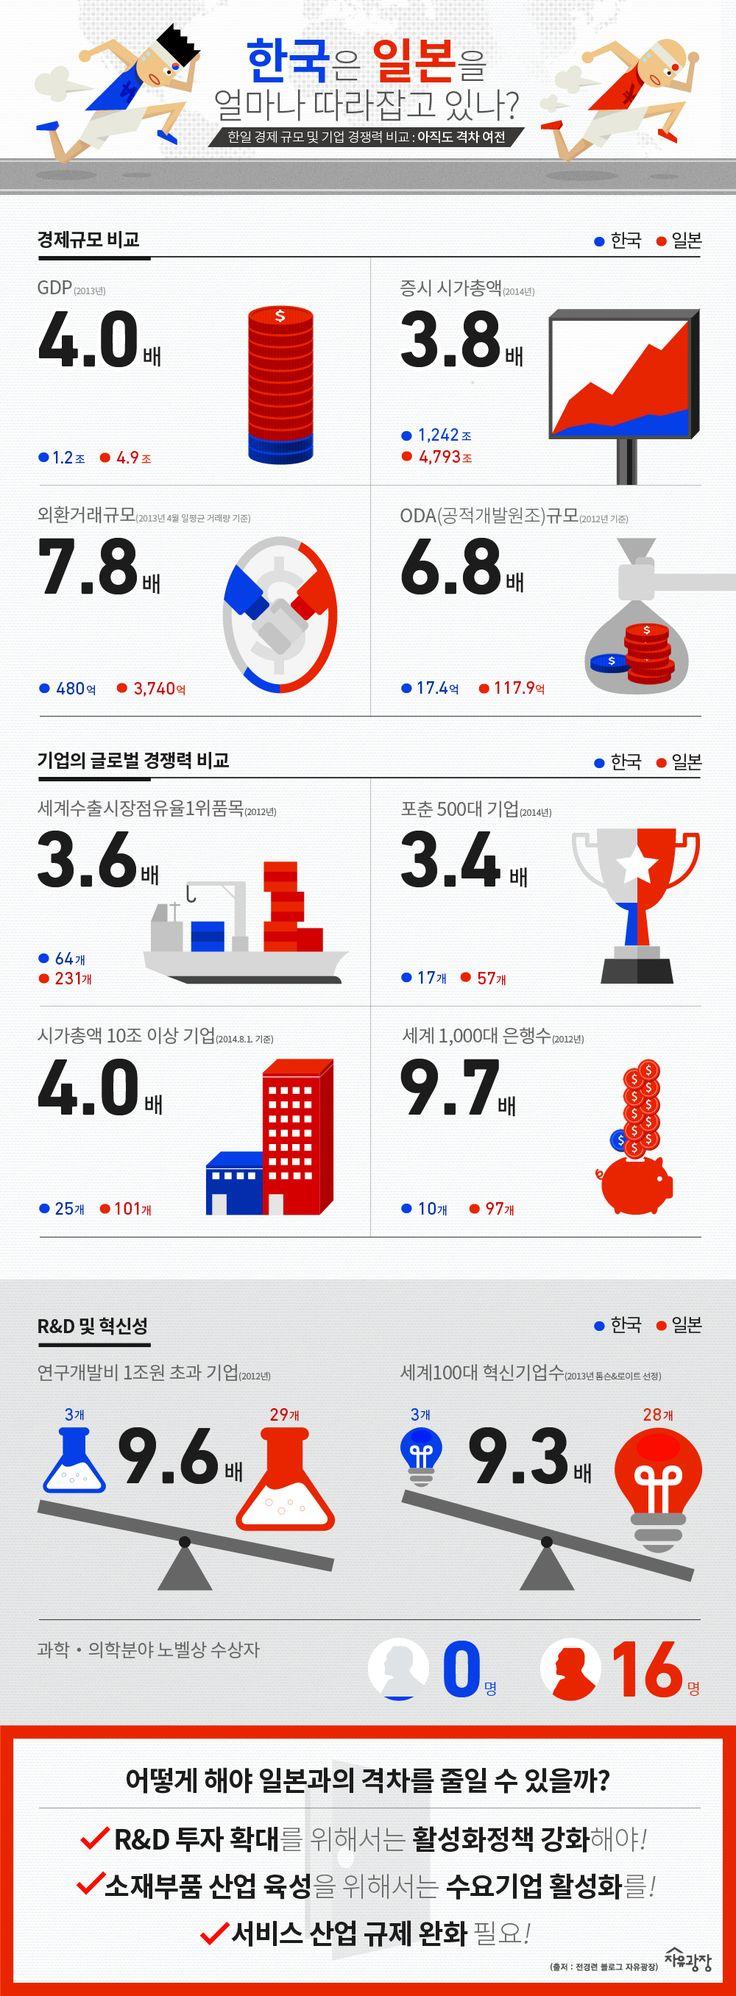 """""""한국은 일본을 얼마나 따라잡고 있나?""""에 관한 인포그래픽"""